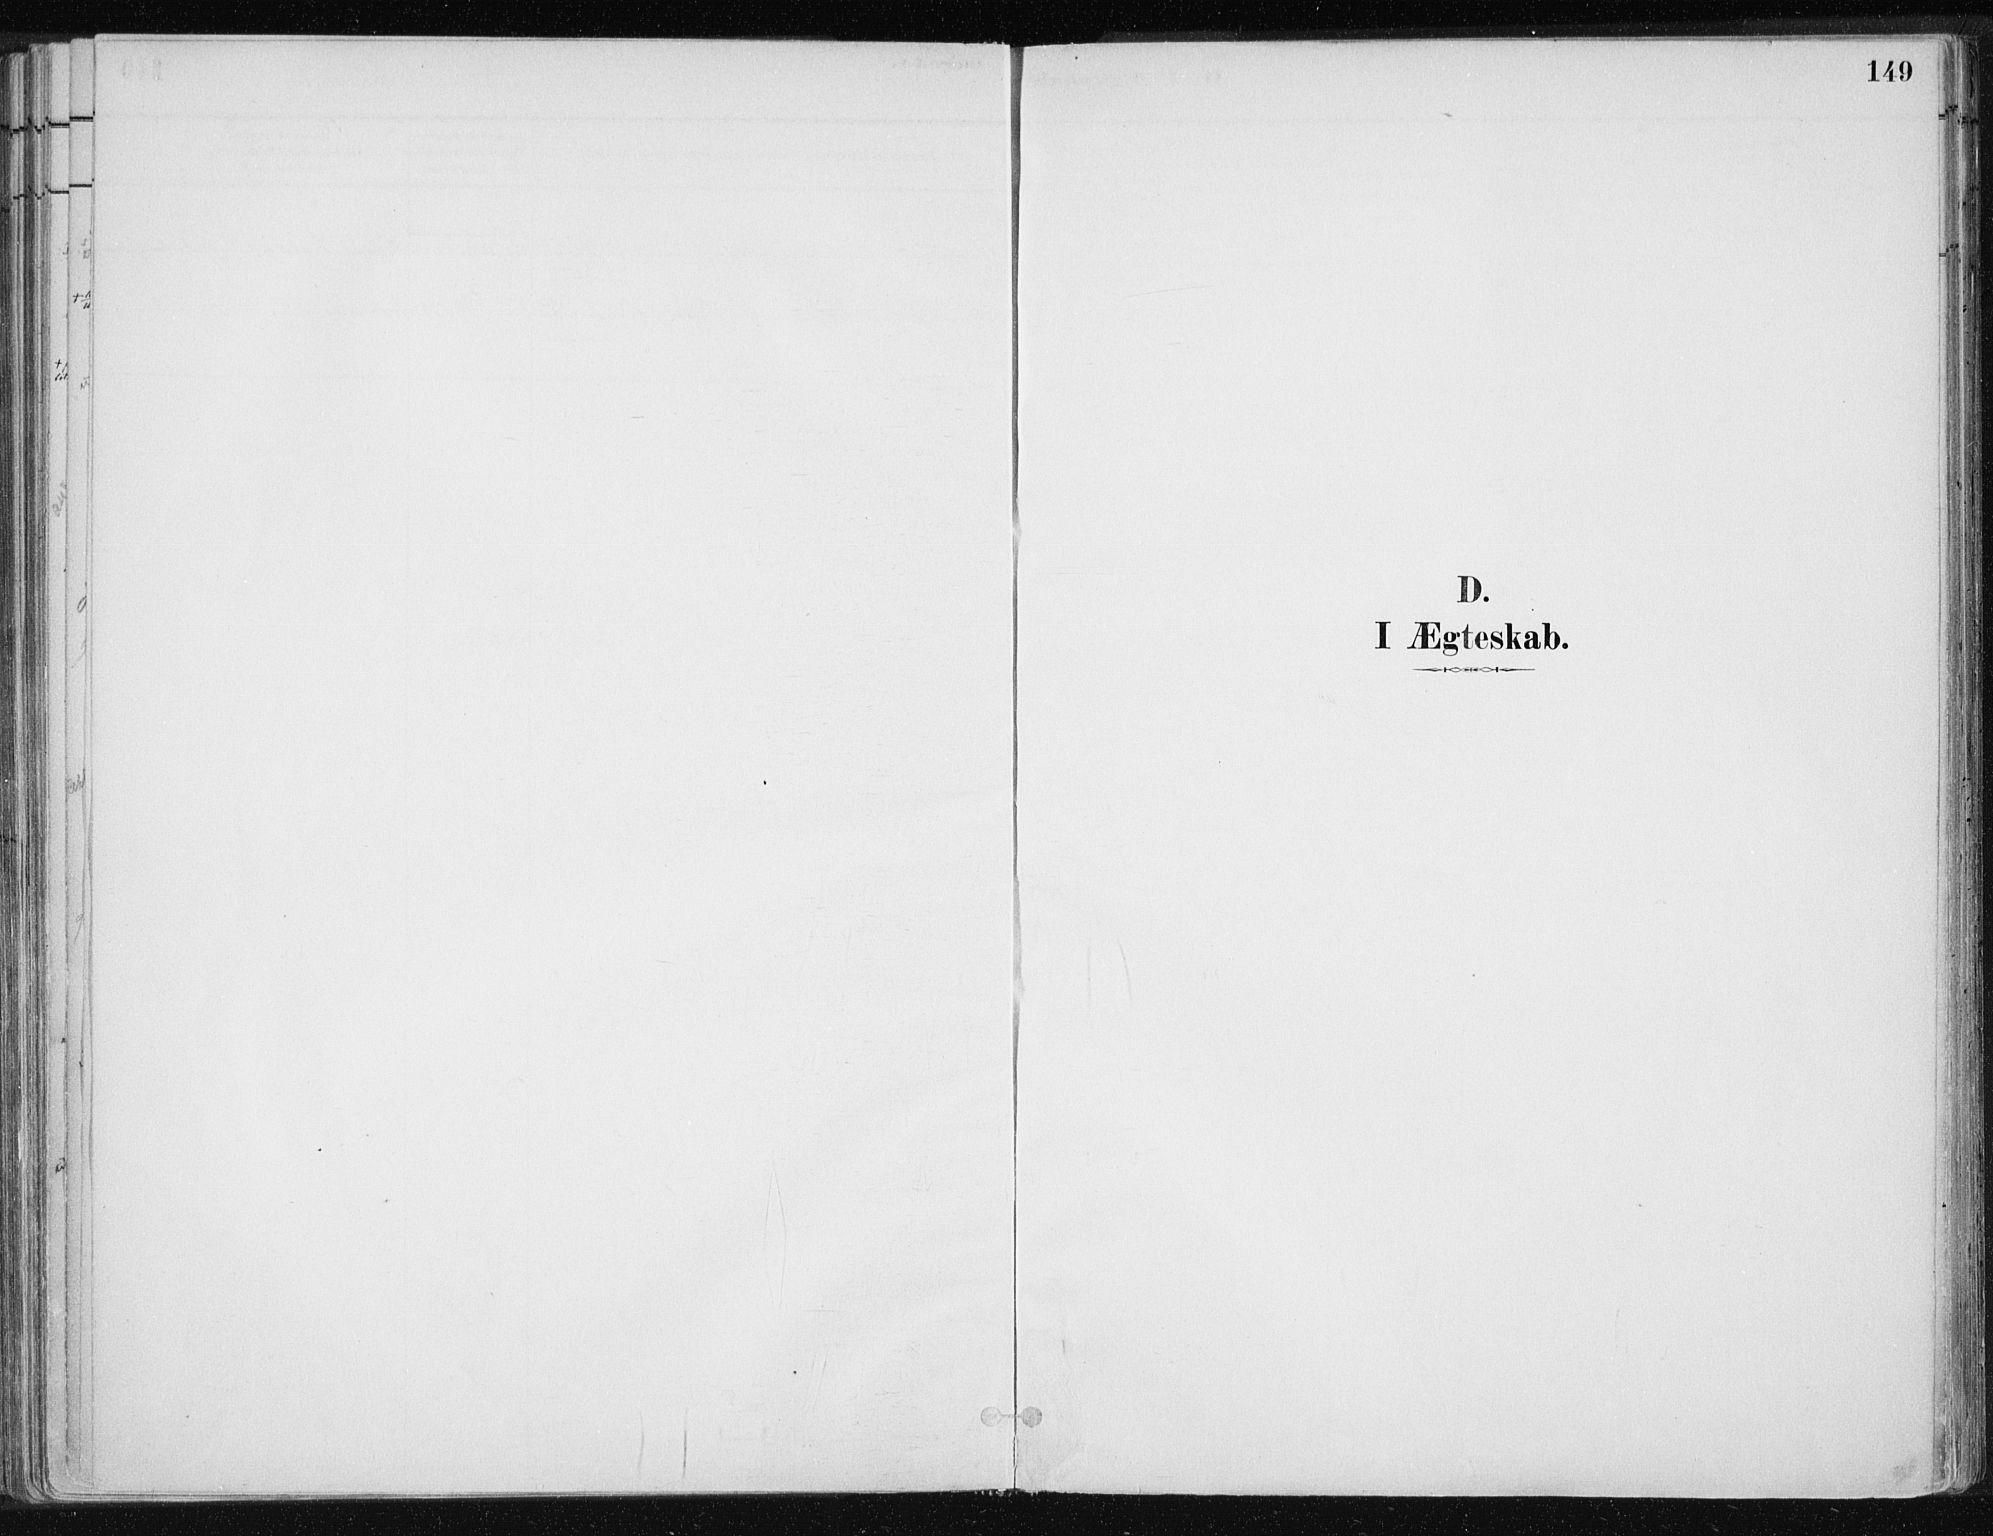 SAT, Ministerialprotokoller, klokkerbøker og fødselsregistre - Nord-Trøndelag, 701/L0010: Ministerialbok nr. 701A10, 1883-1899, s. 149